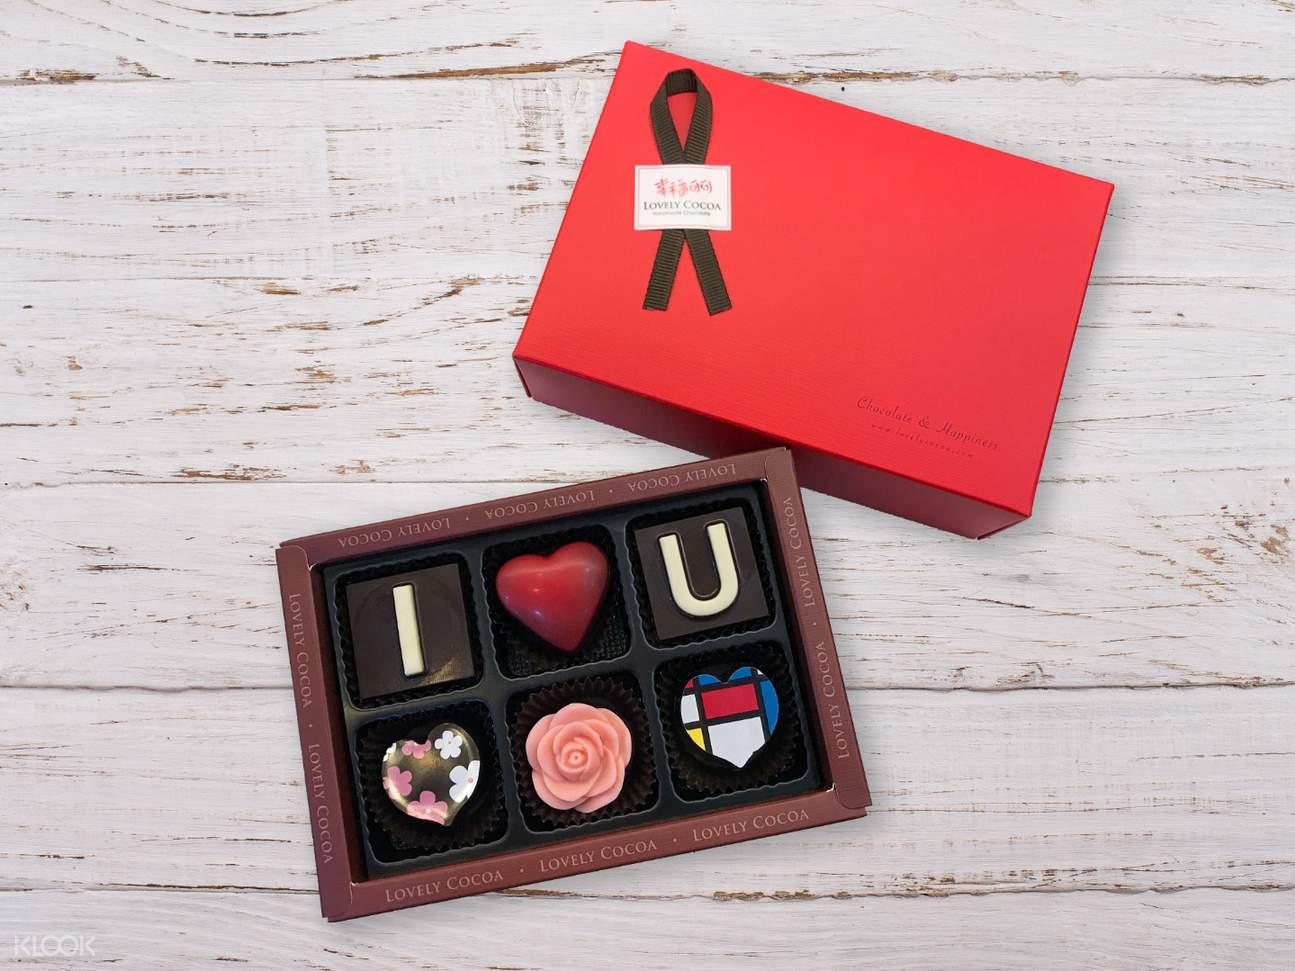 幸福可可黑巧克力專賣店 - 永康商圈